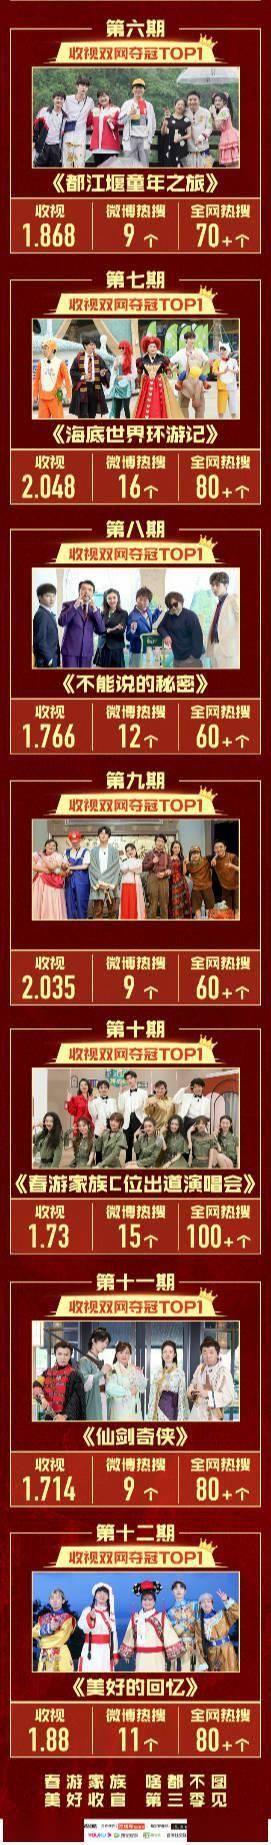 冠军 《青春环游记》第二季收视捷报公布 收视大满贯达成,蝉联十二期收视冠军!